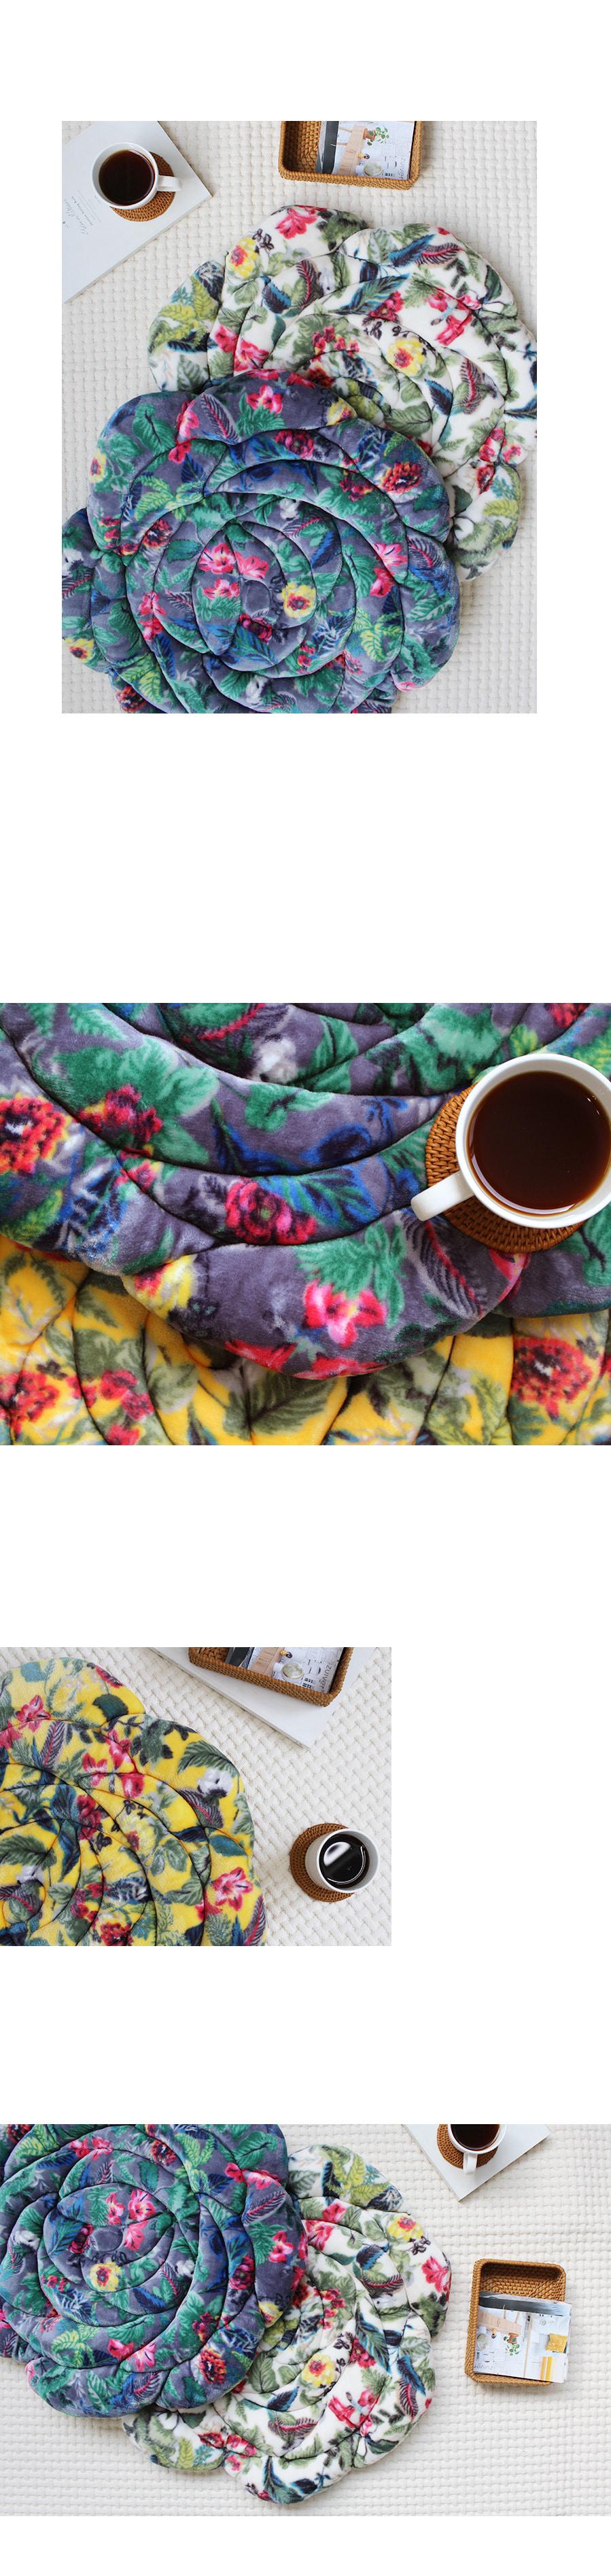 레트로 플라워 극세사방석 - 그레이 - 아카시아, 38,000원, 방석, 패턴